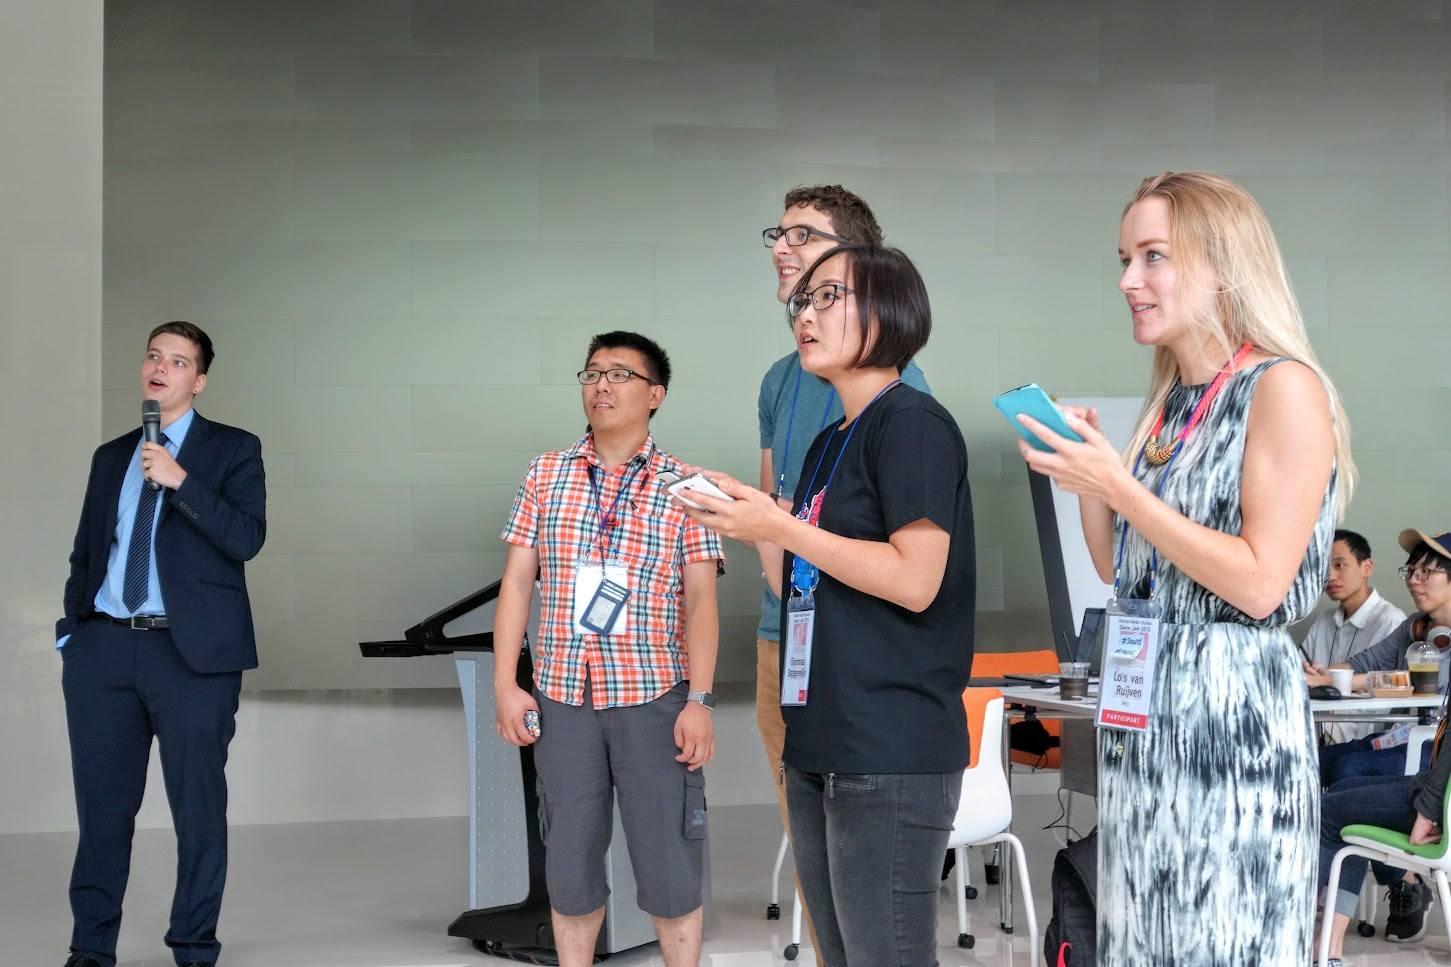 한국-네덜란드 두뇌 모여 48시간동안 기능성 게임 개발 겨룬다